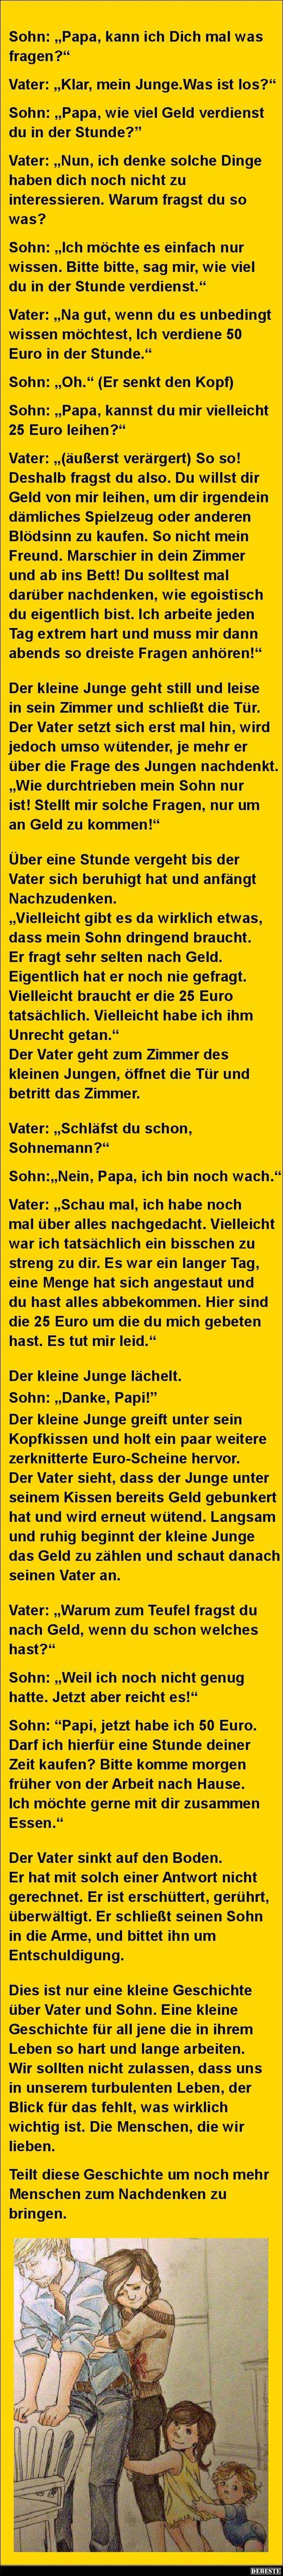 Papa, kann ich Dich mal was fragen? | DEBESTE.de, Lustige Bilder, Sprüche, Witze und Videos